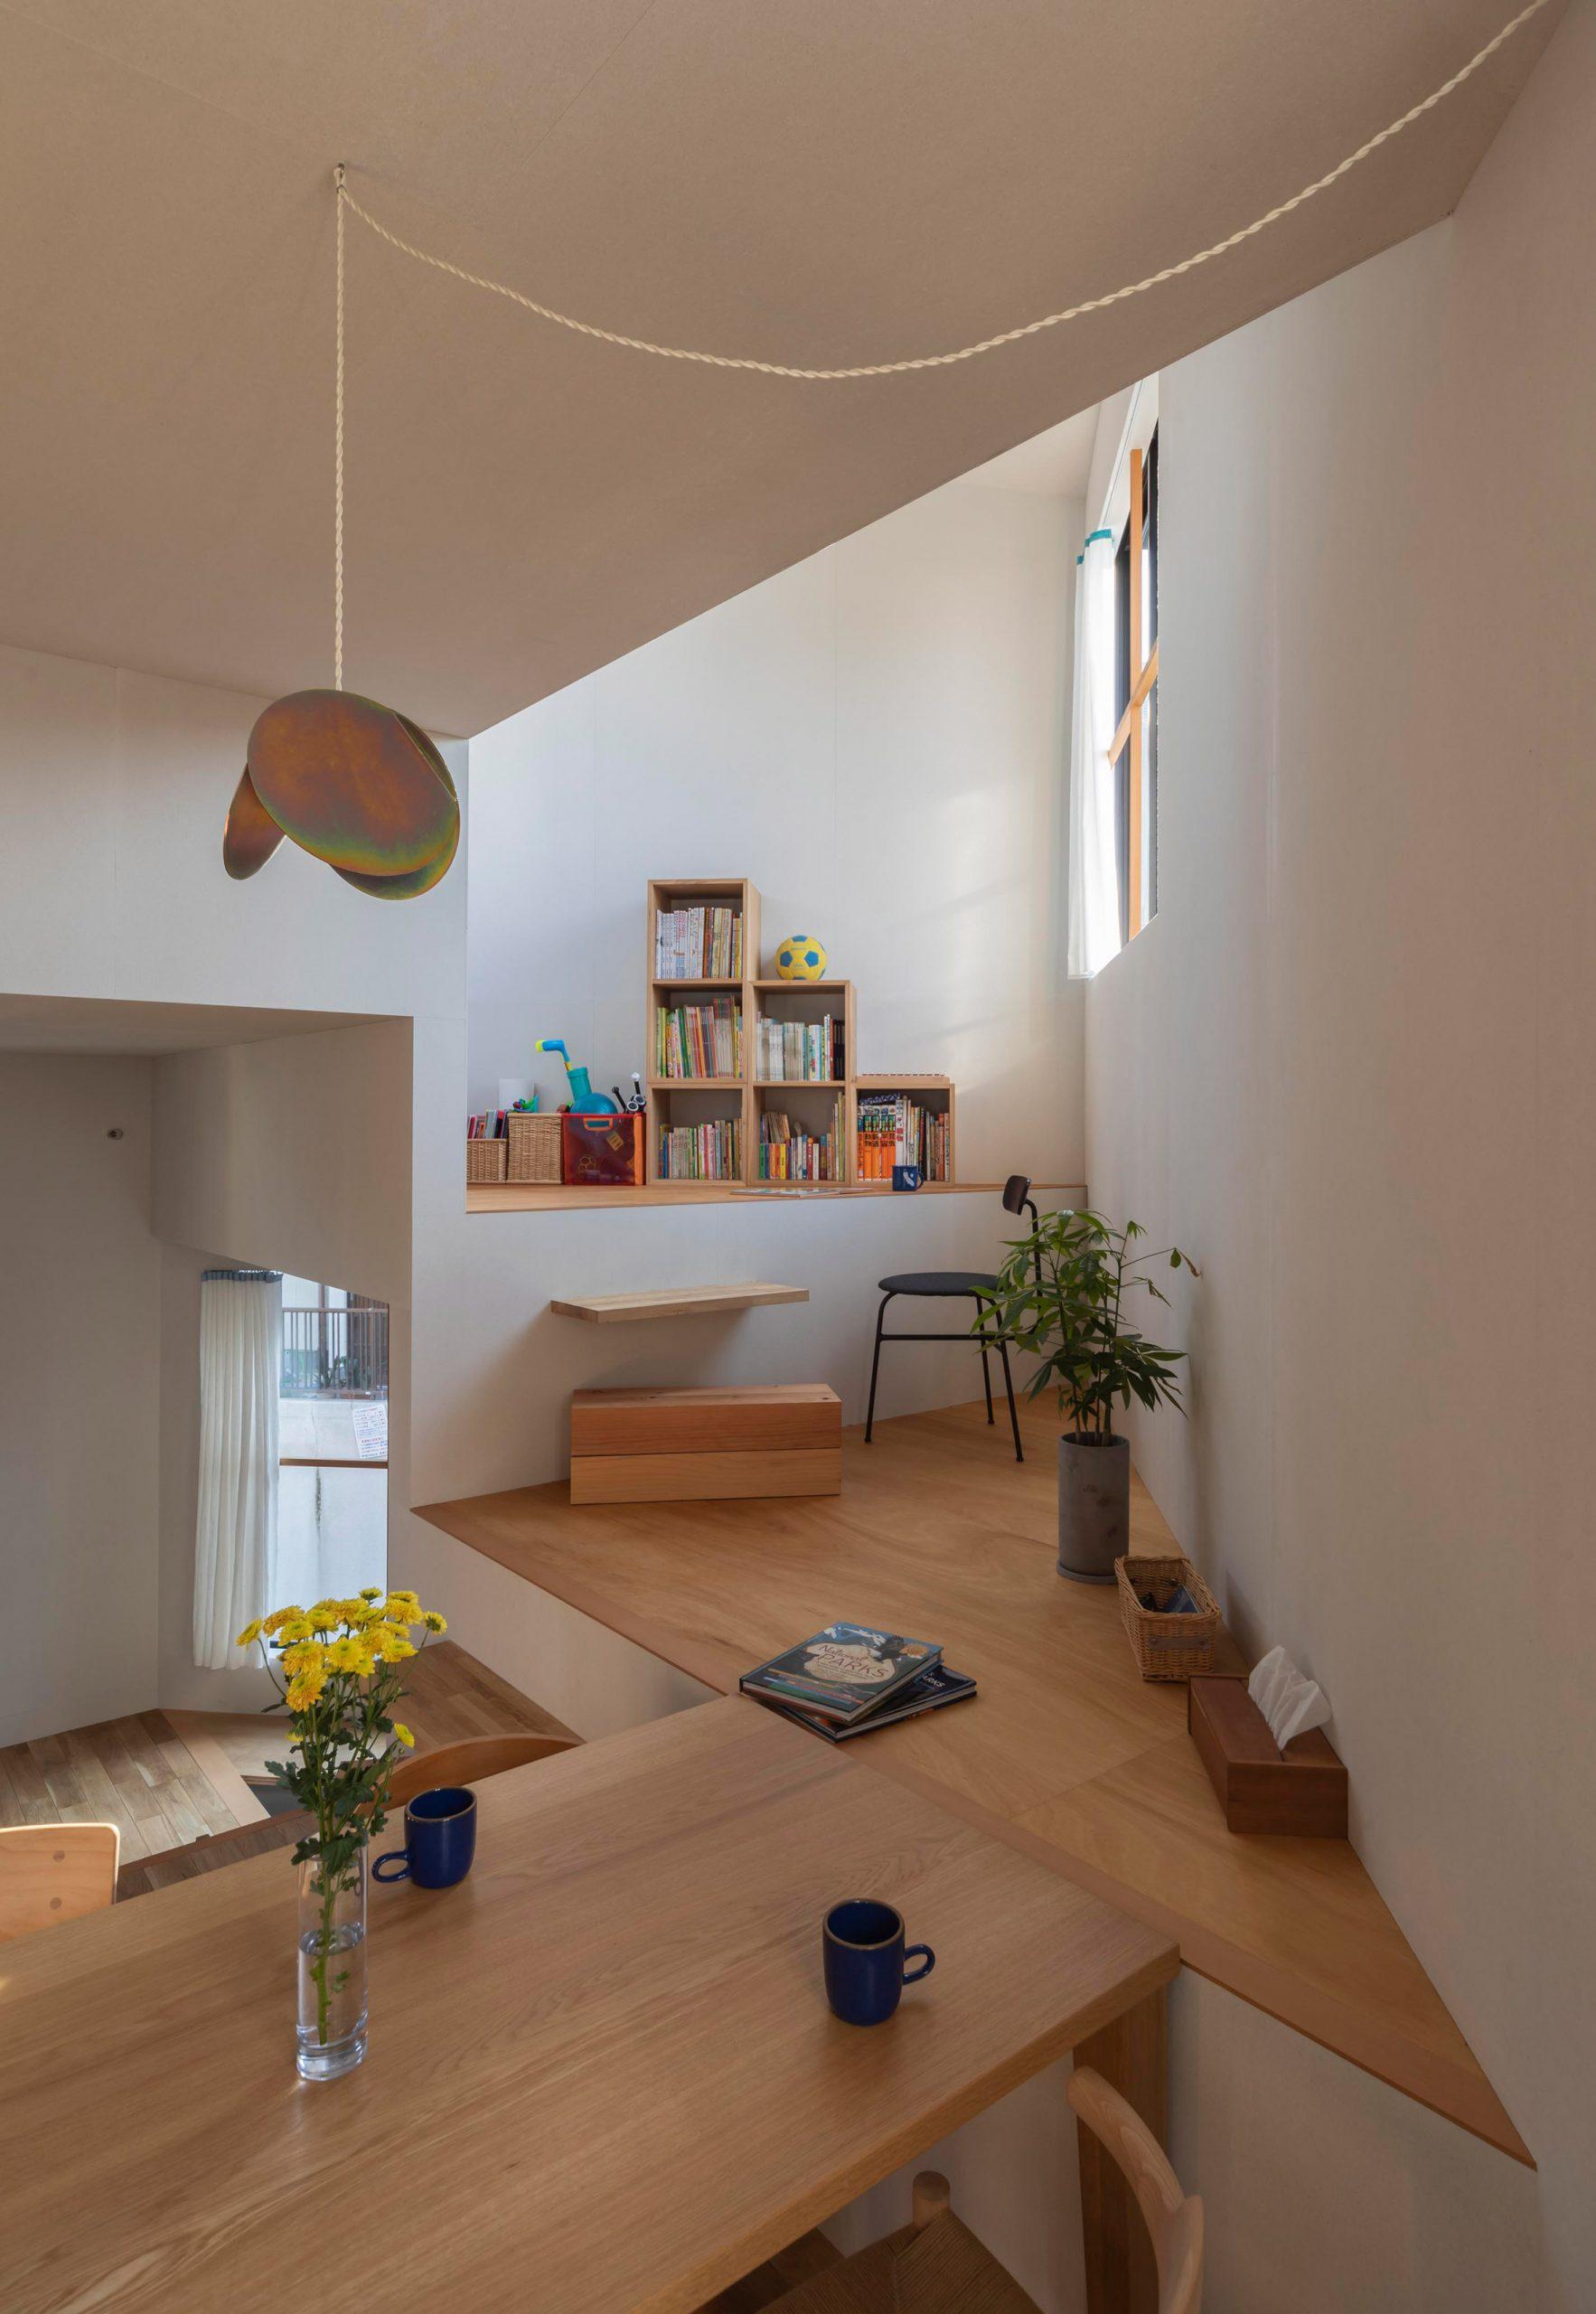 Thiết kế nội thất căn hộ nhỏ 4